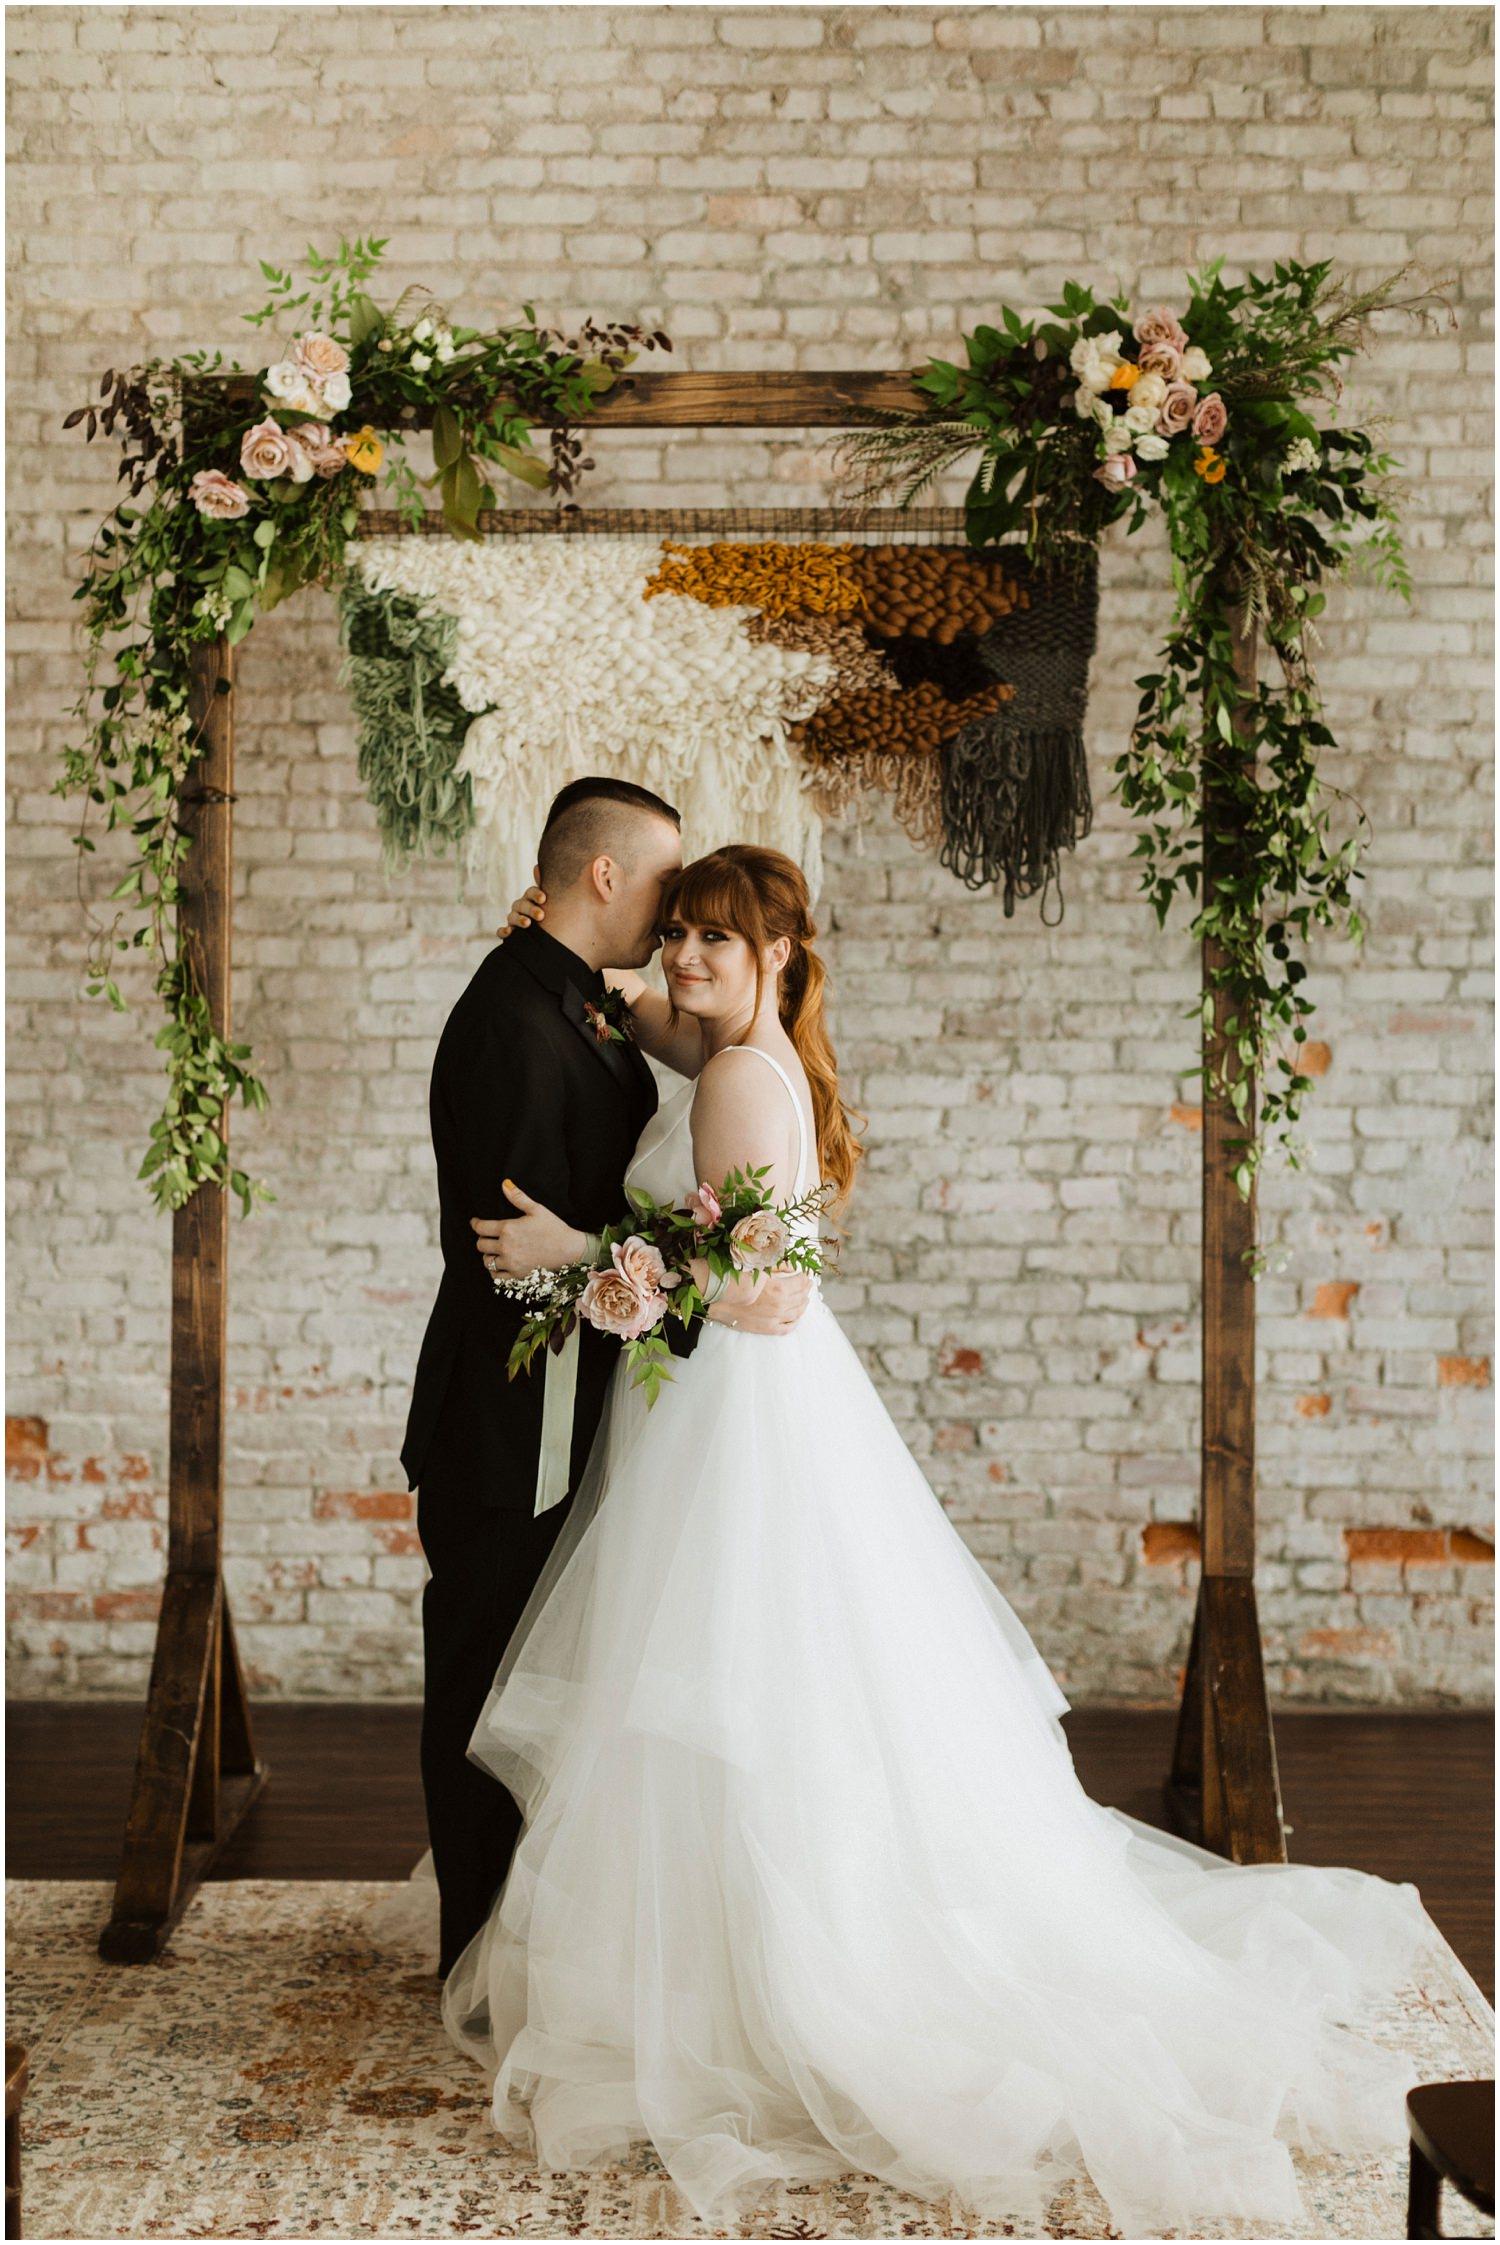 Bride and Groom Portraits 5eleven Palafox Wedding